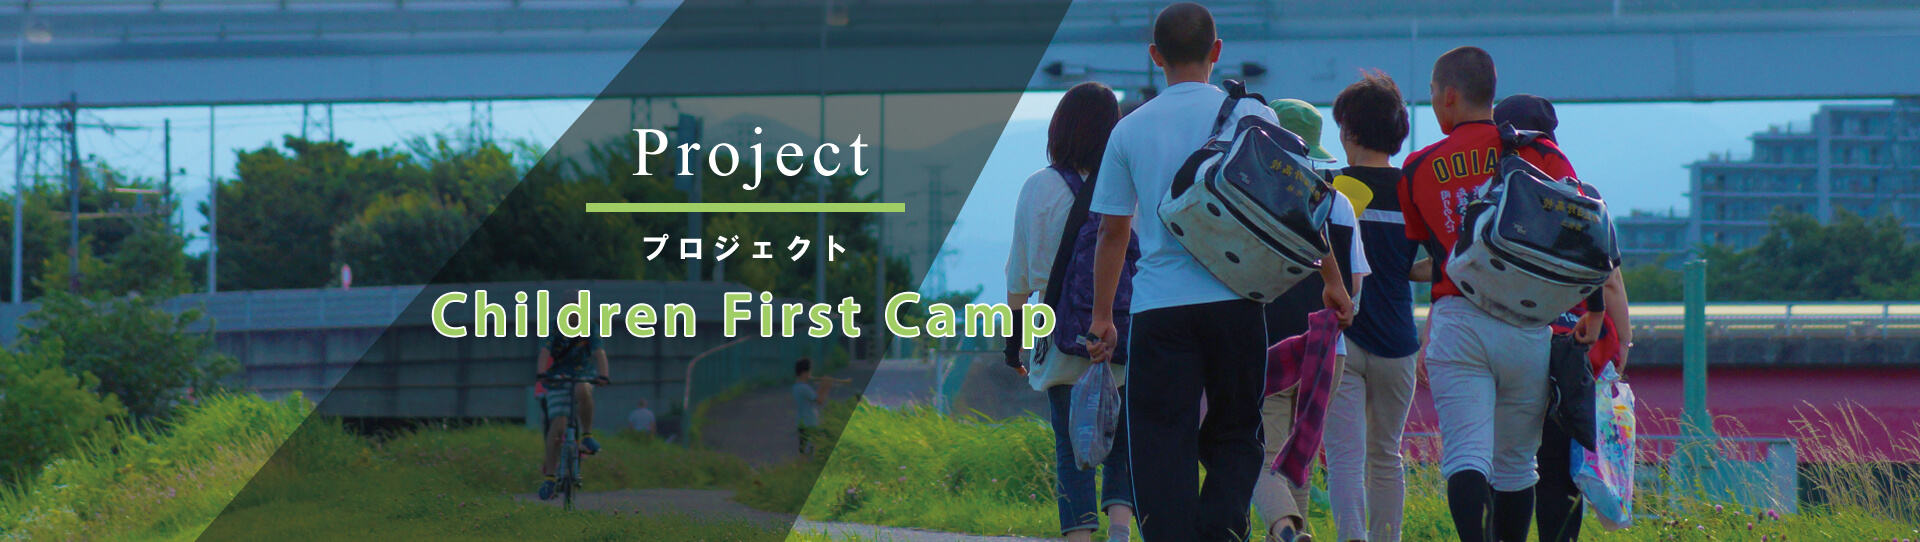 Children First Camp